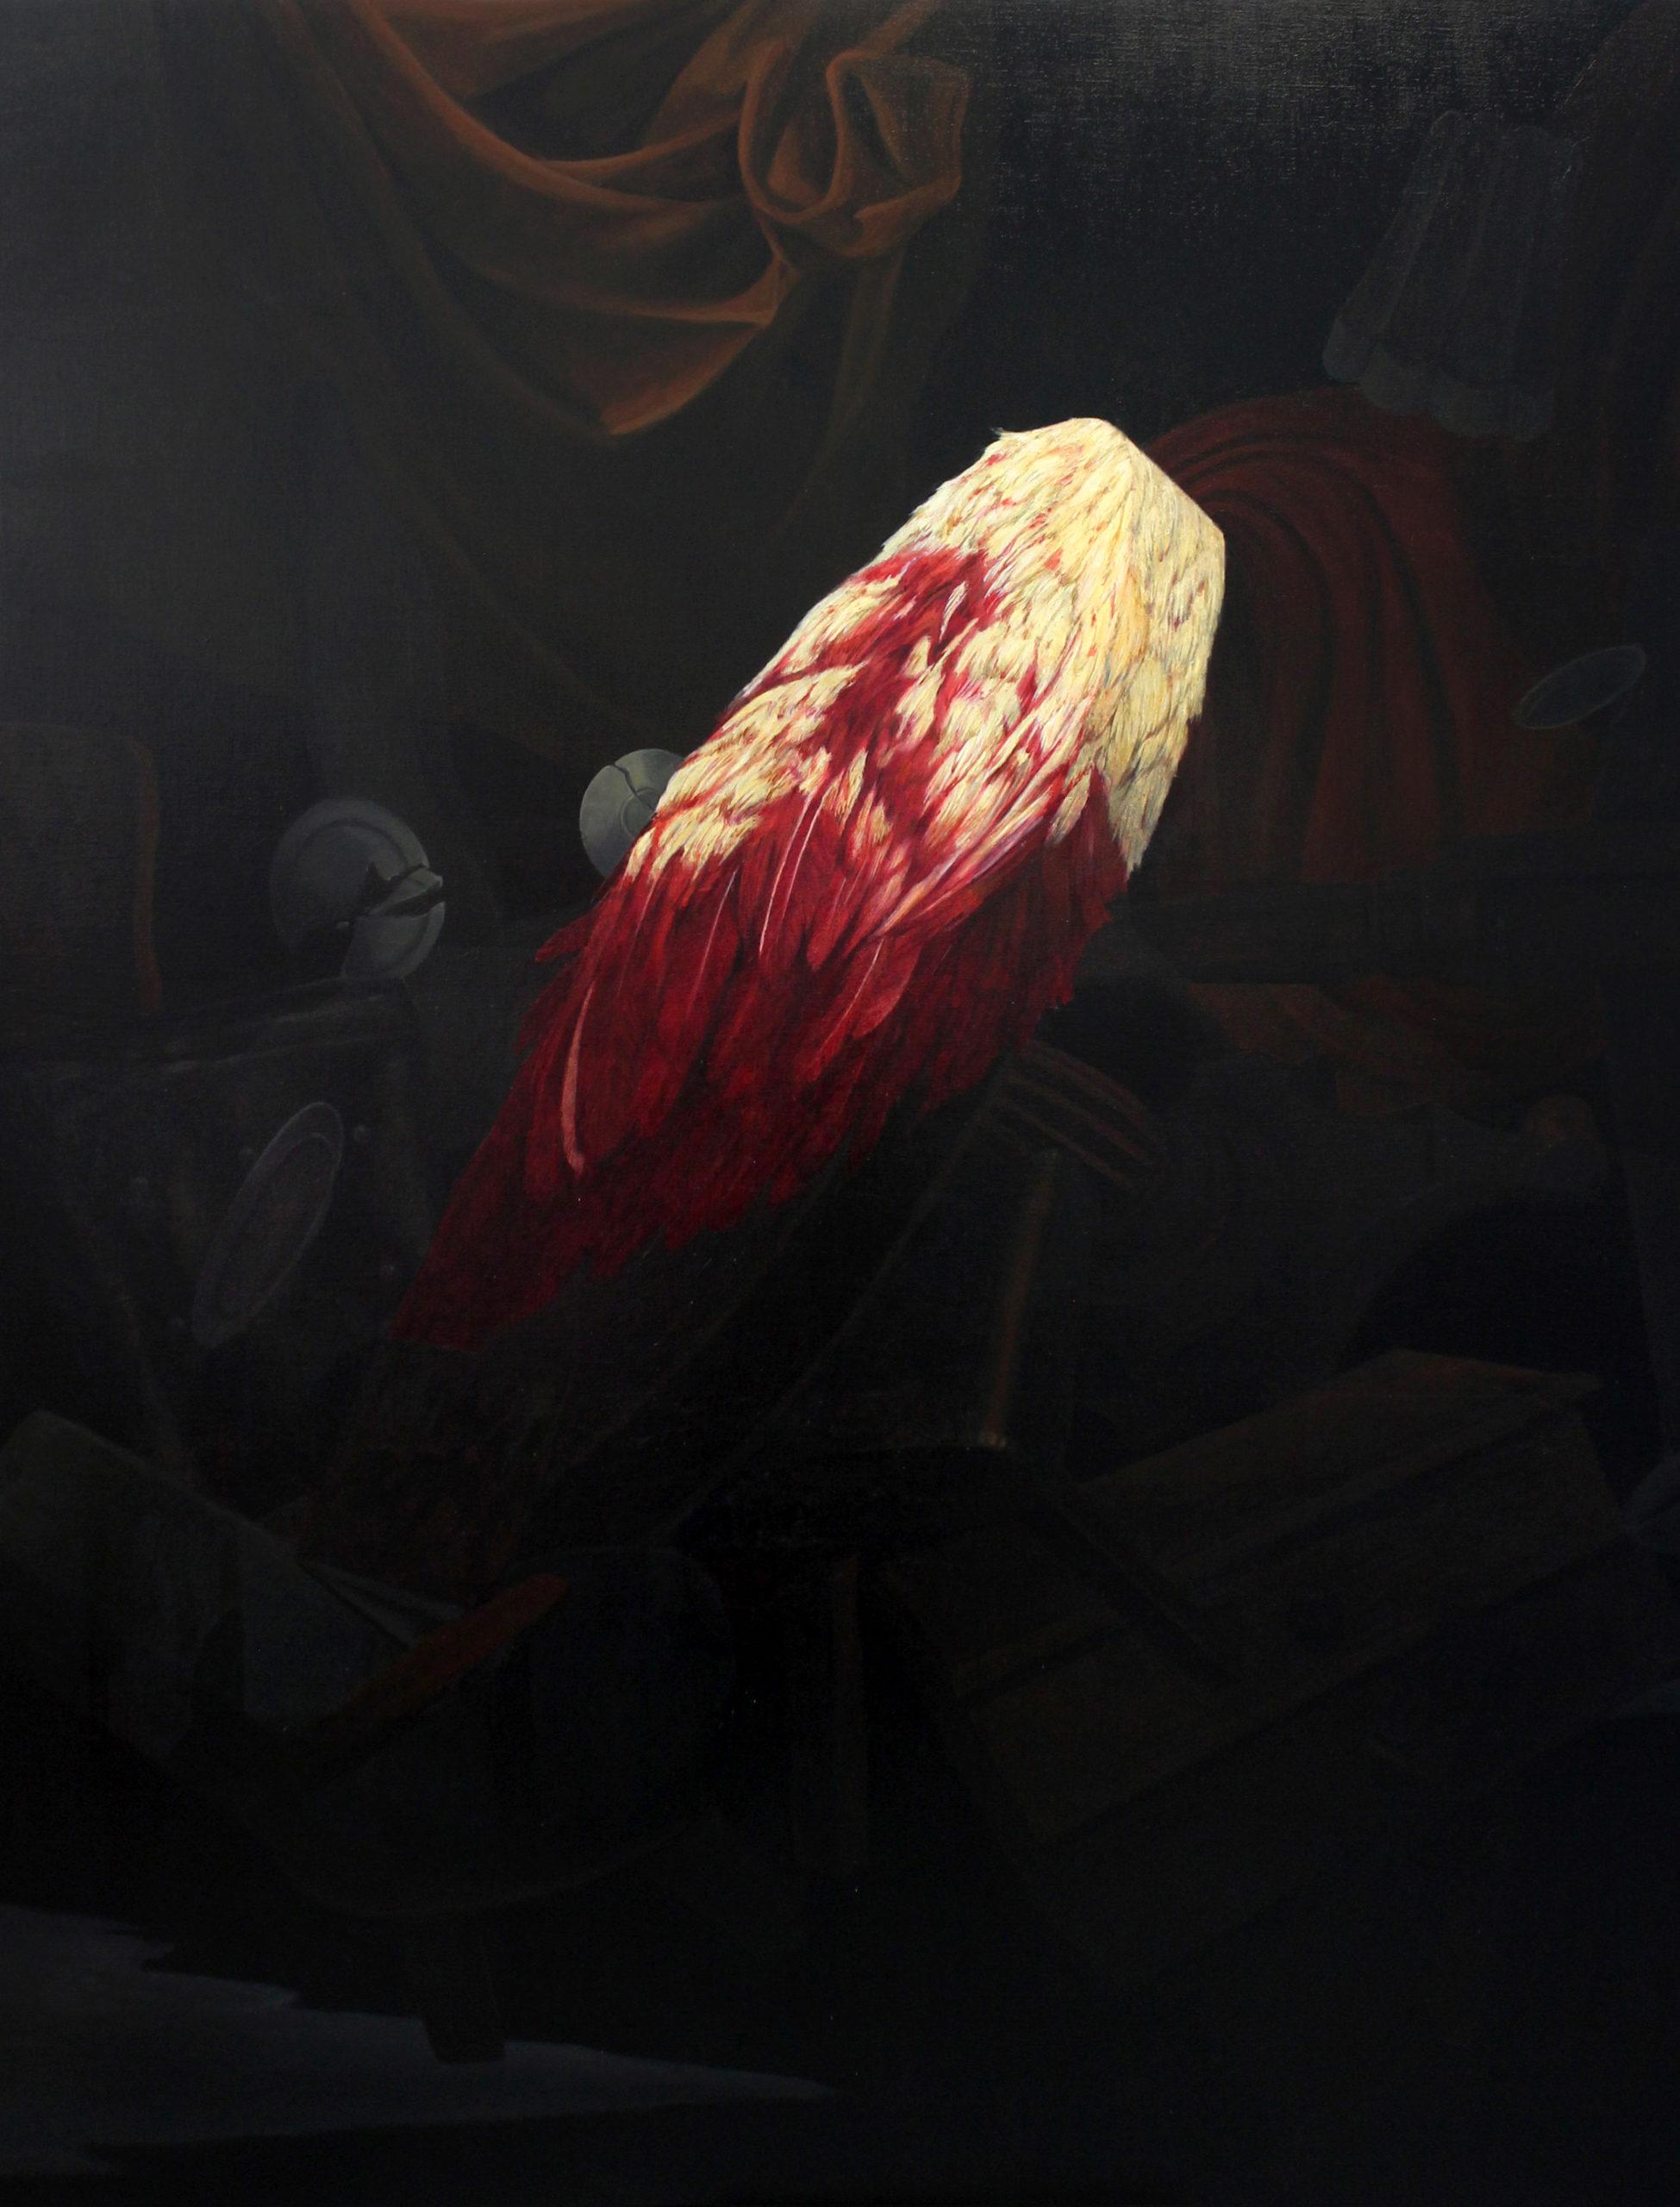 นิทรรศการ หอศิลปกรุงเทพฯ เดือนตุลาคม - last Life โดย ณฐกร คำกายปรง